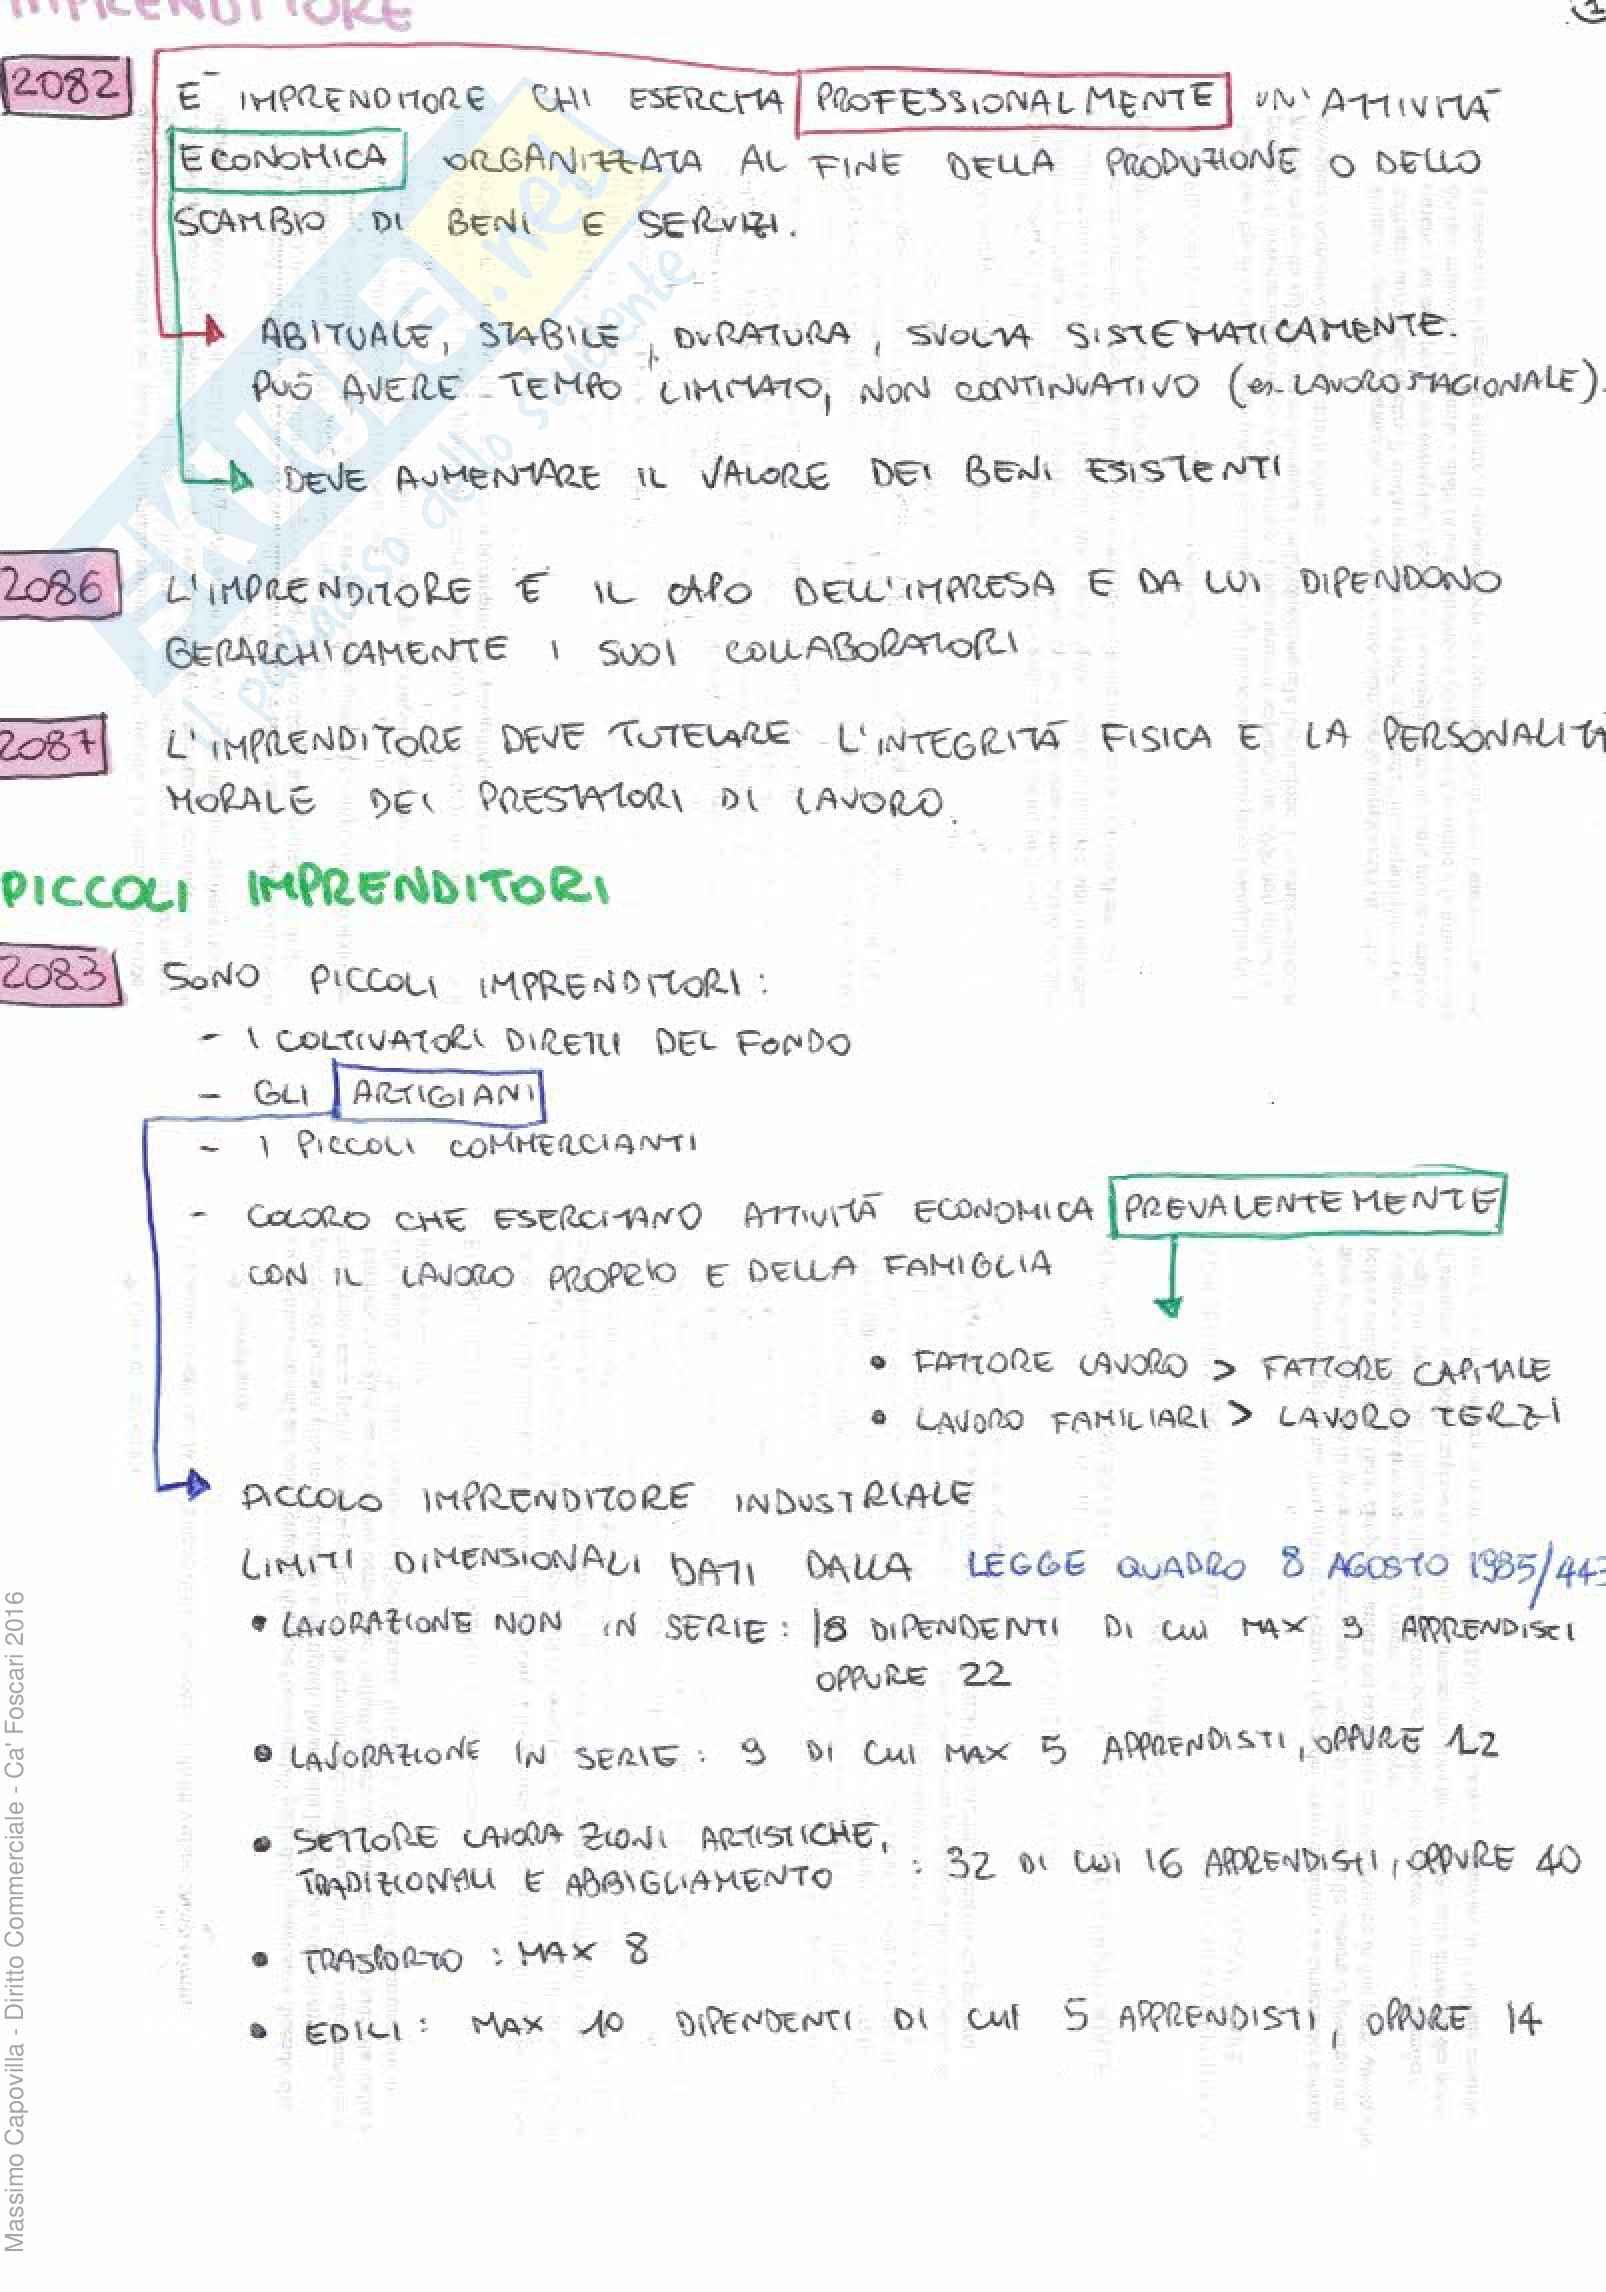 Riassunto, Appunti, Diritto Commerciale, Lorenzo De Angelis